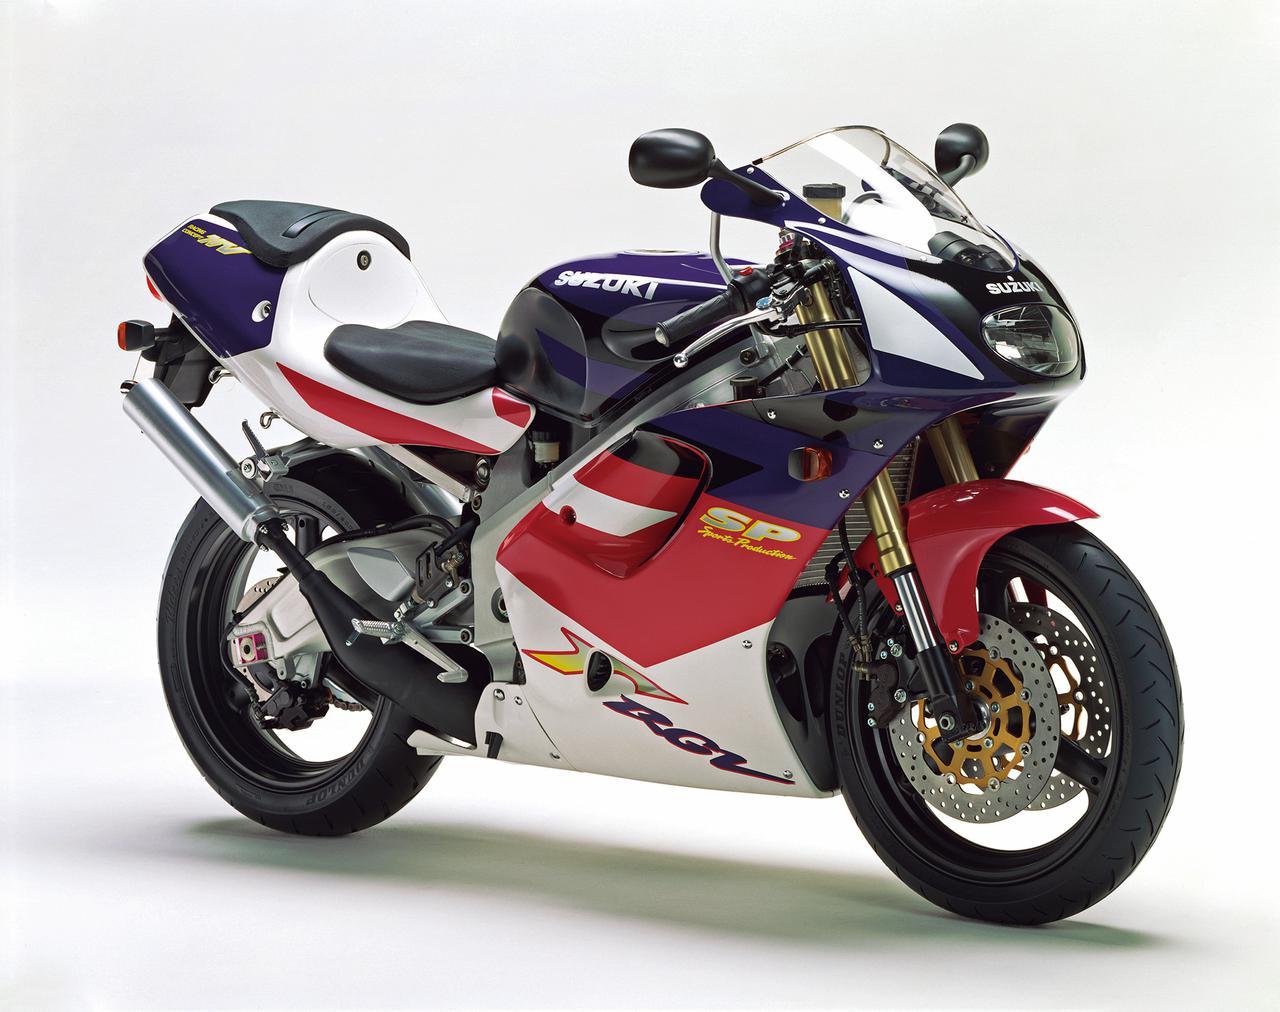 Images : 1番目の画像 - 「【RG-Γ伝】Vol.6「レプリカブームを牽引した250ガンマの最終型」RG250Γ SP(VJ23A)-1996〜1999- 〜当時の貴重な資料で振り返る栄光のガンマ達〜」のアルバム - webオートバイ